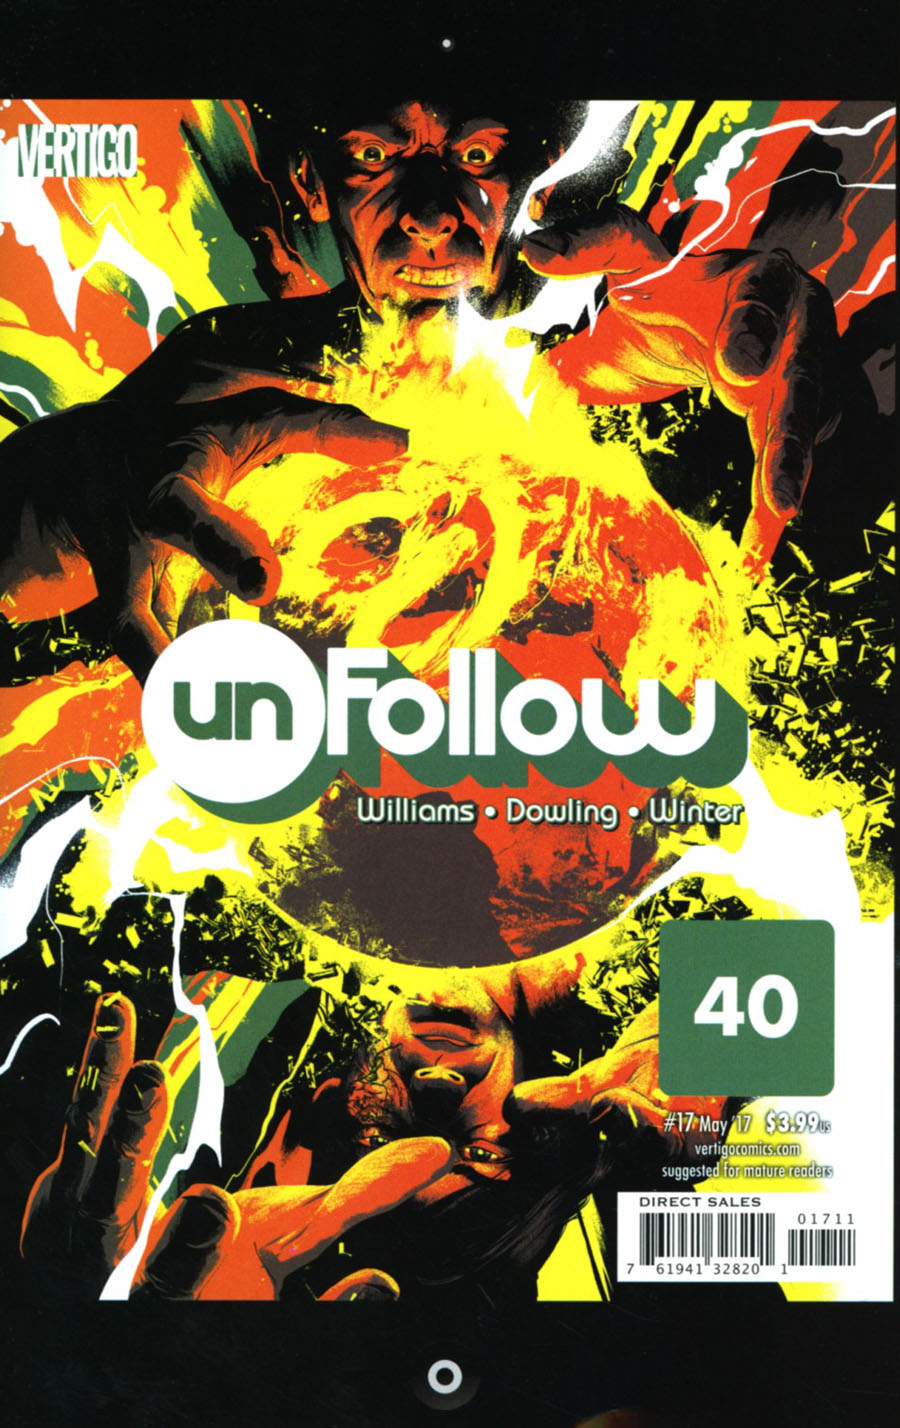 Unfollow #17